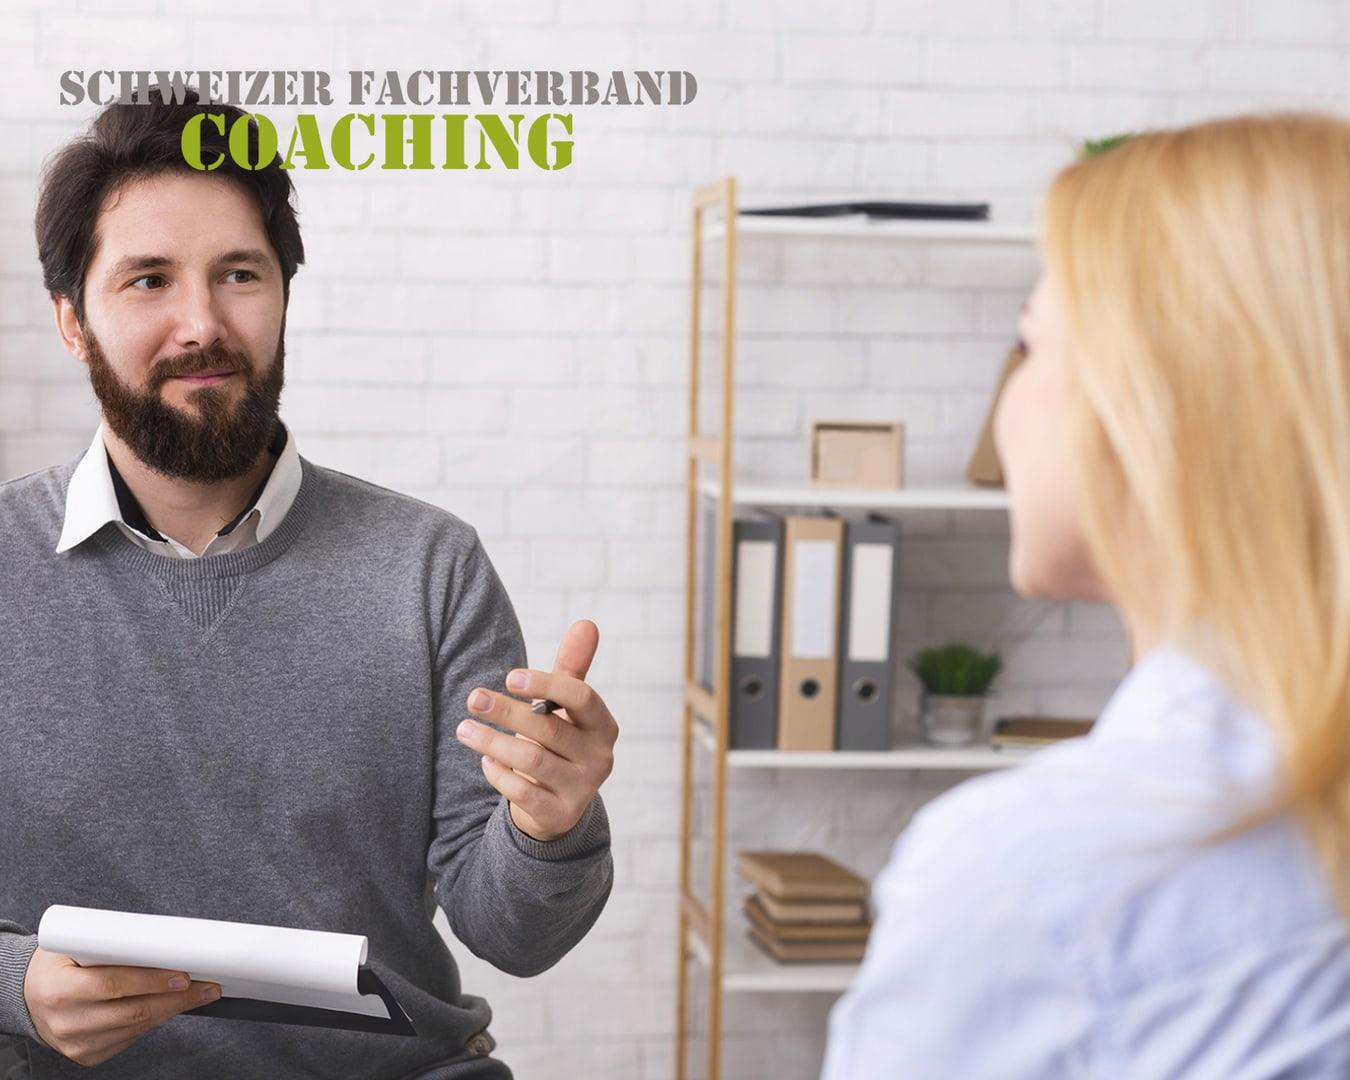 fachverband-für-coaching